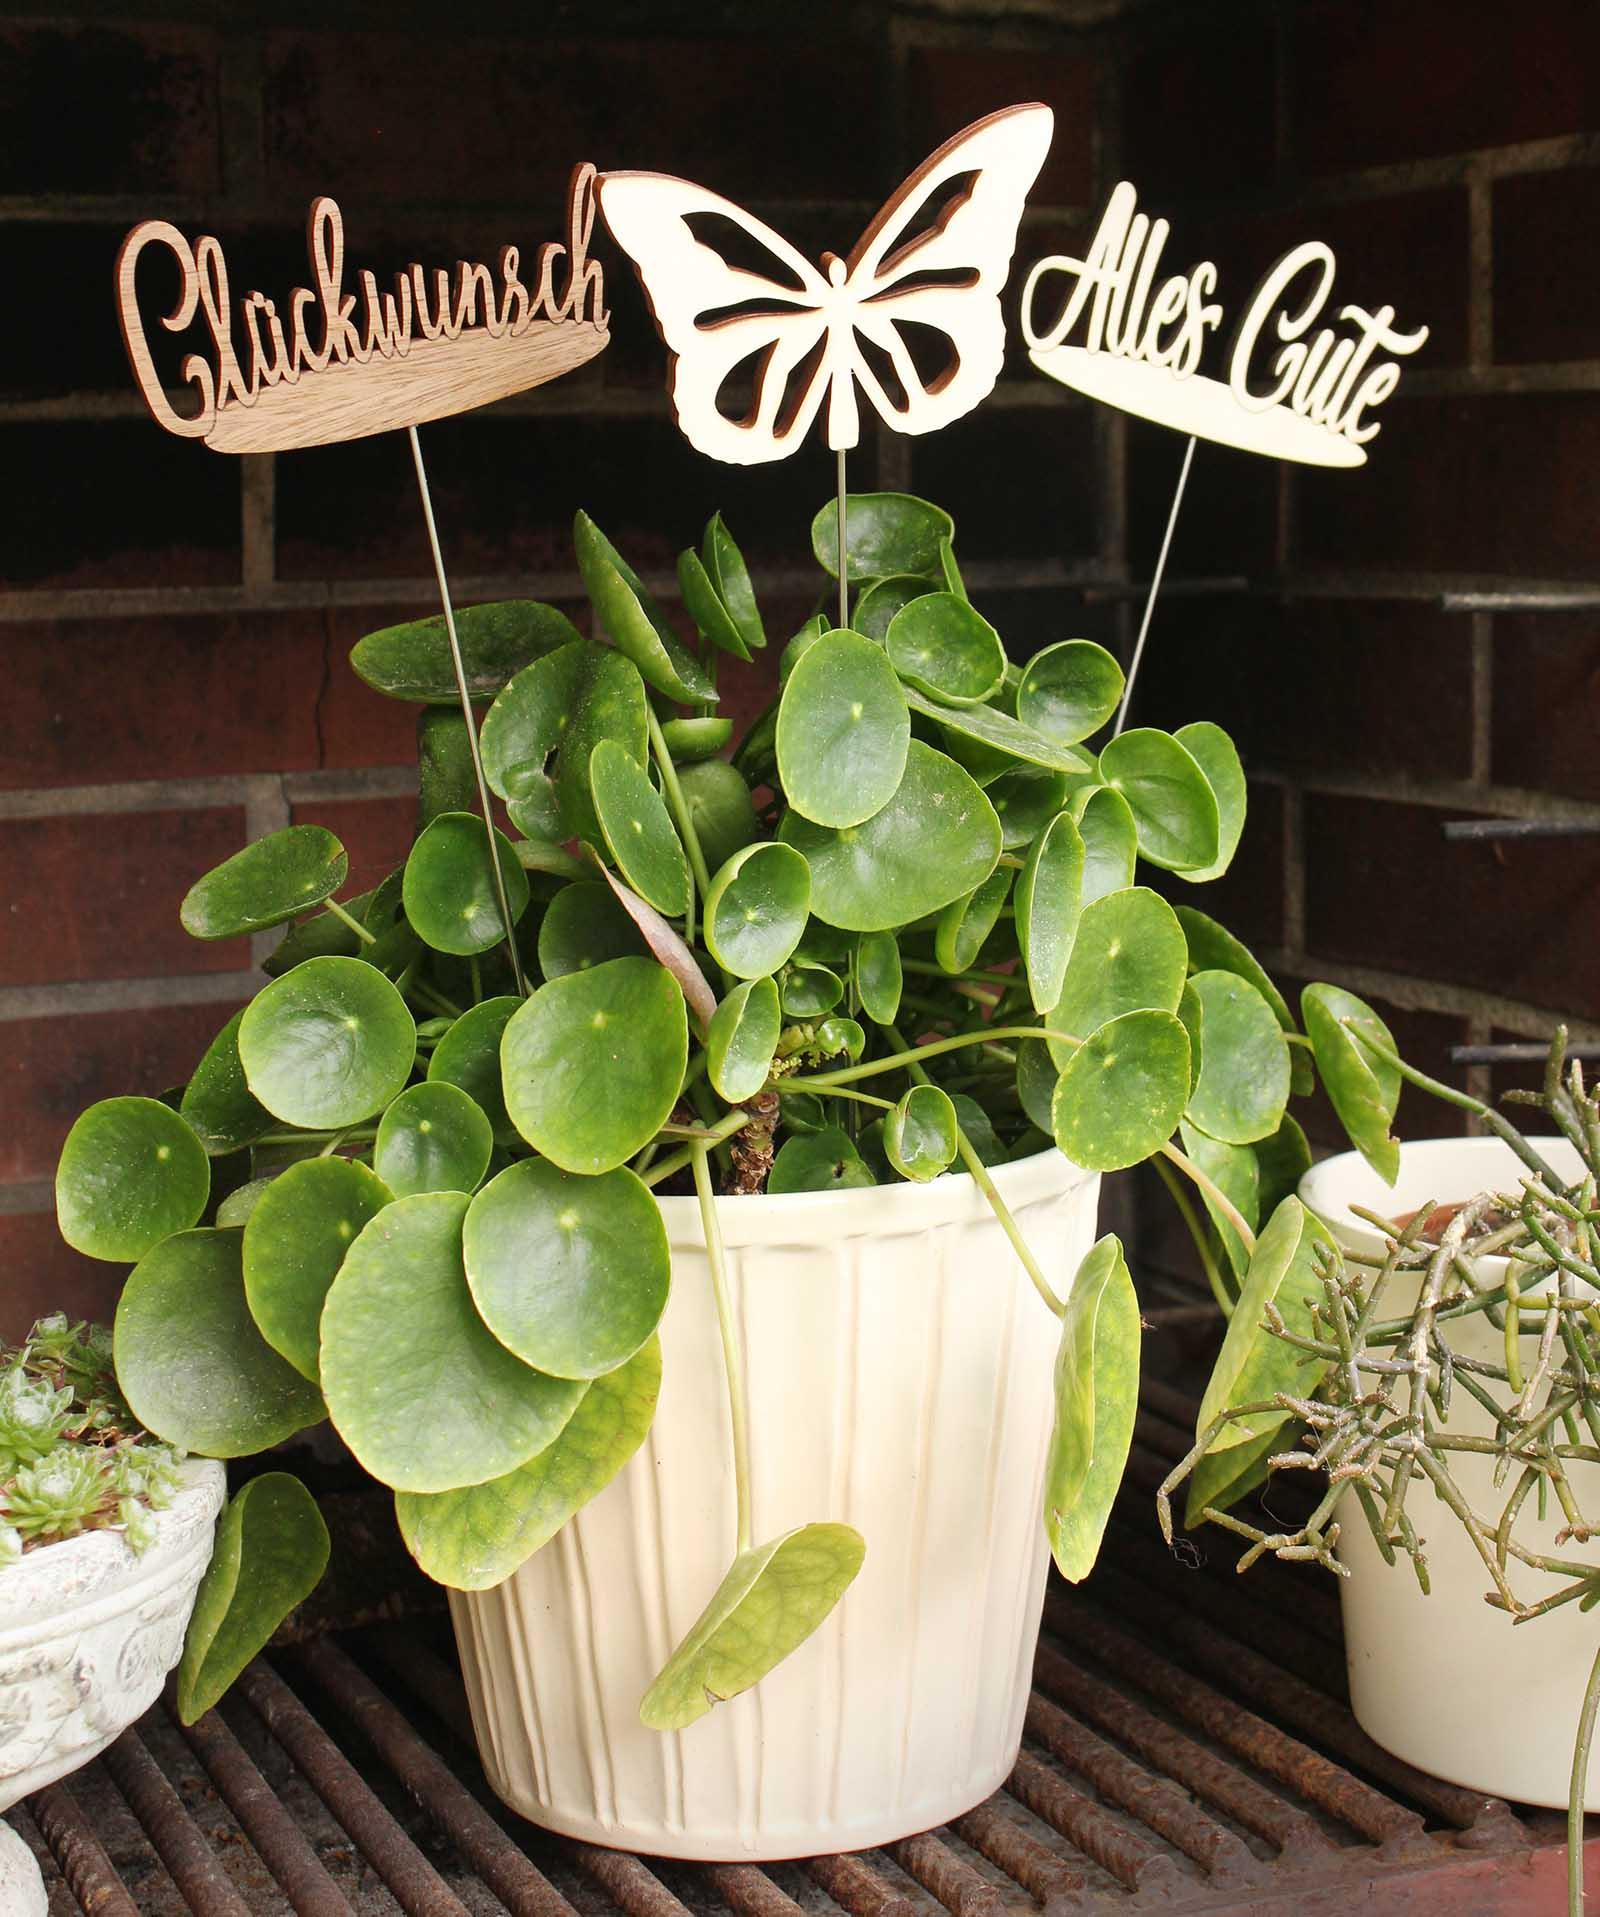 Pflanzenstecker Viel Glück